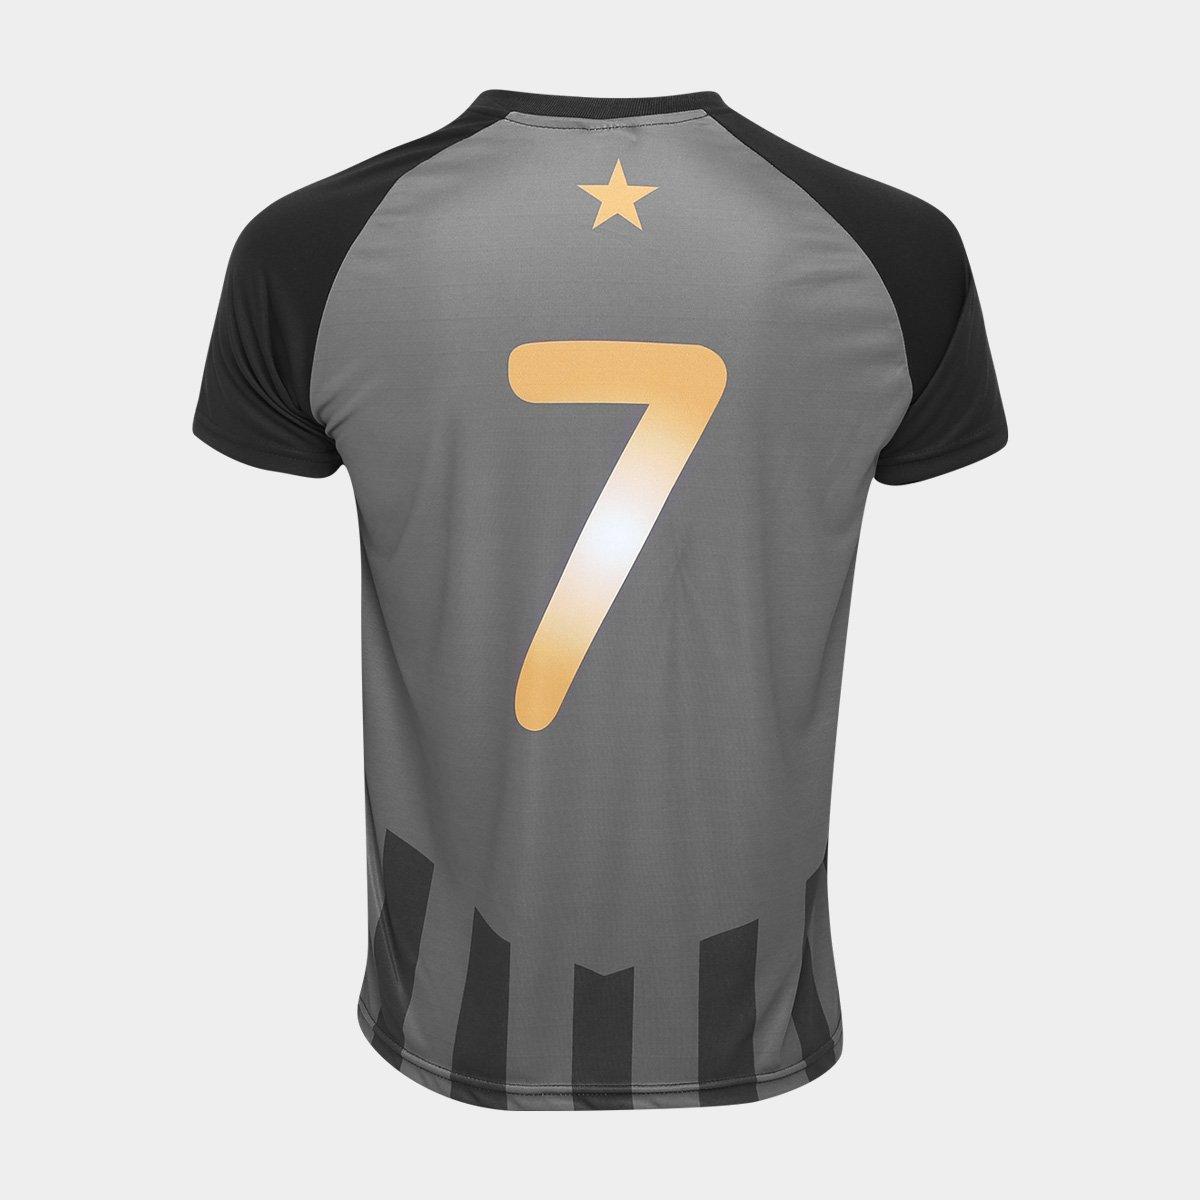 ... Camisa Botafogo Estrela Gold nº 7 - Edição Limitada Masculina ... db843b5d6cd03